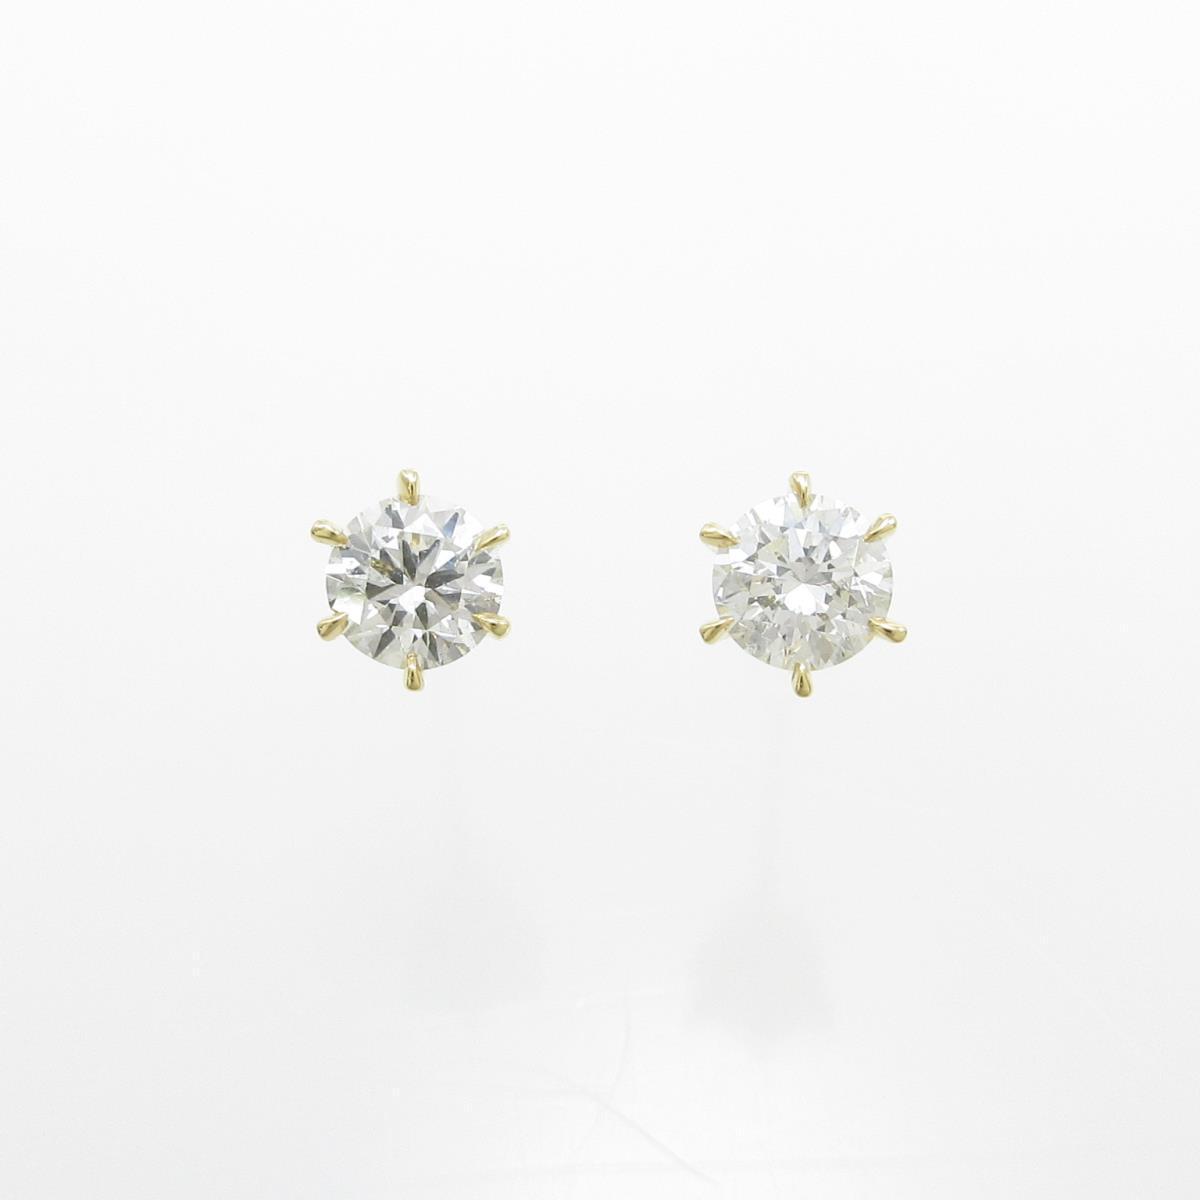 【新品】K18YG ダイヤモンドピアス 0.256ct・0.256ct・F・SI2・GOOD【新品】